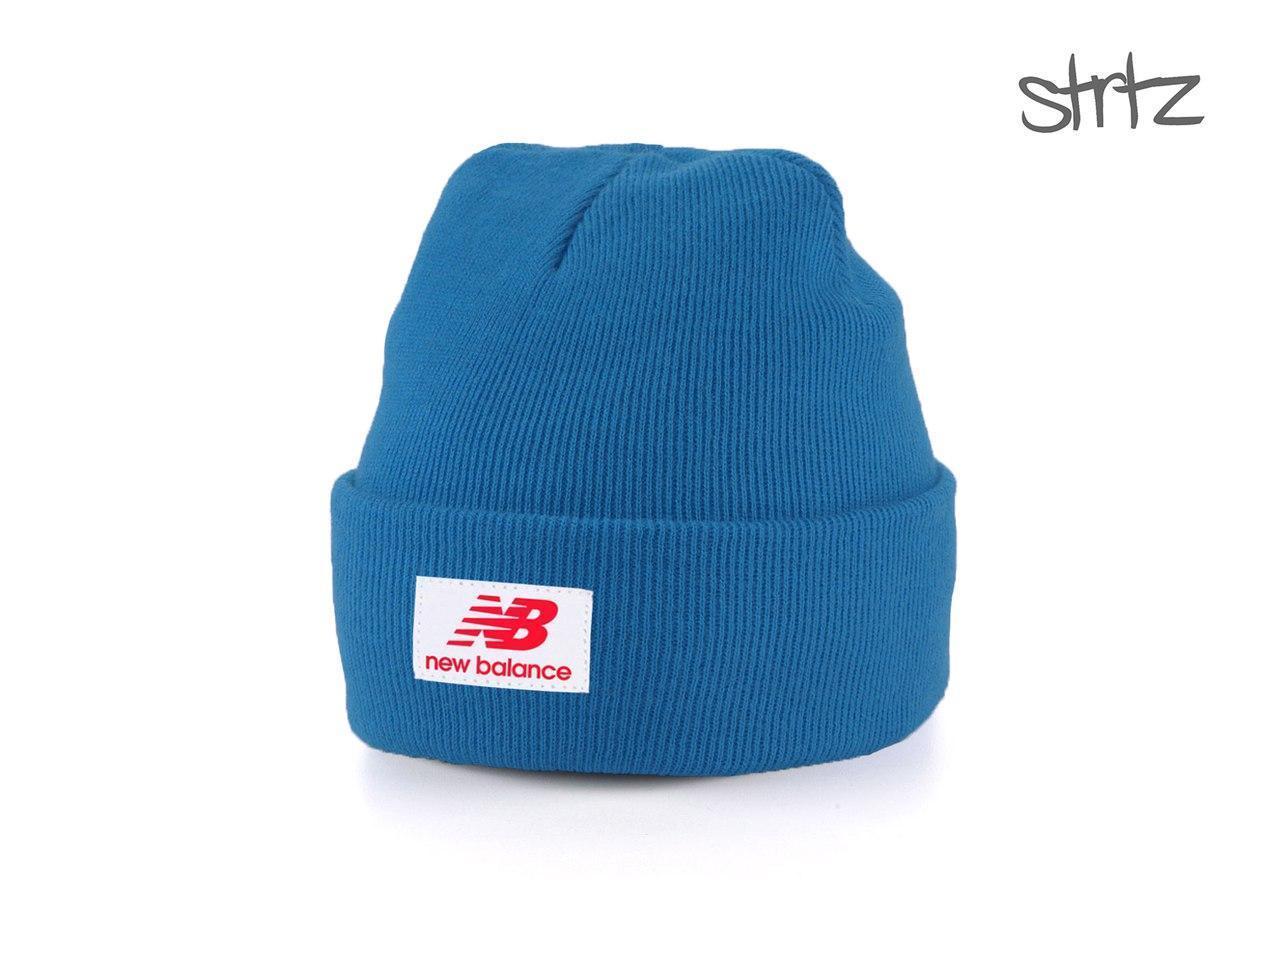 Модная мужская шапка нью беленс, шапка New Balance